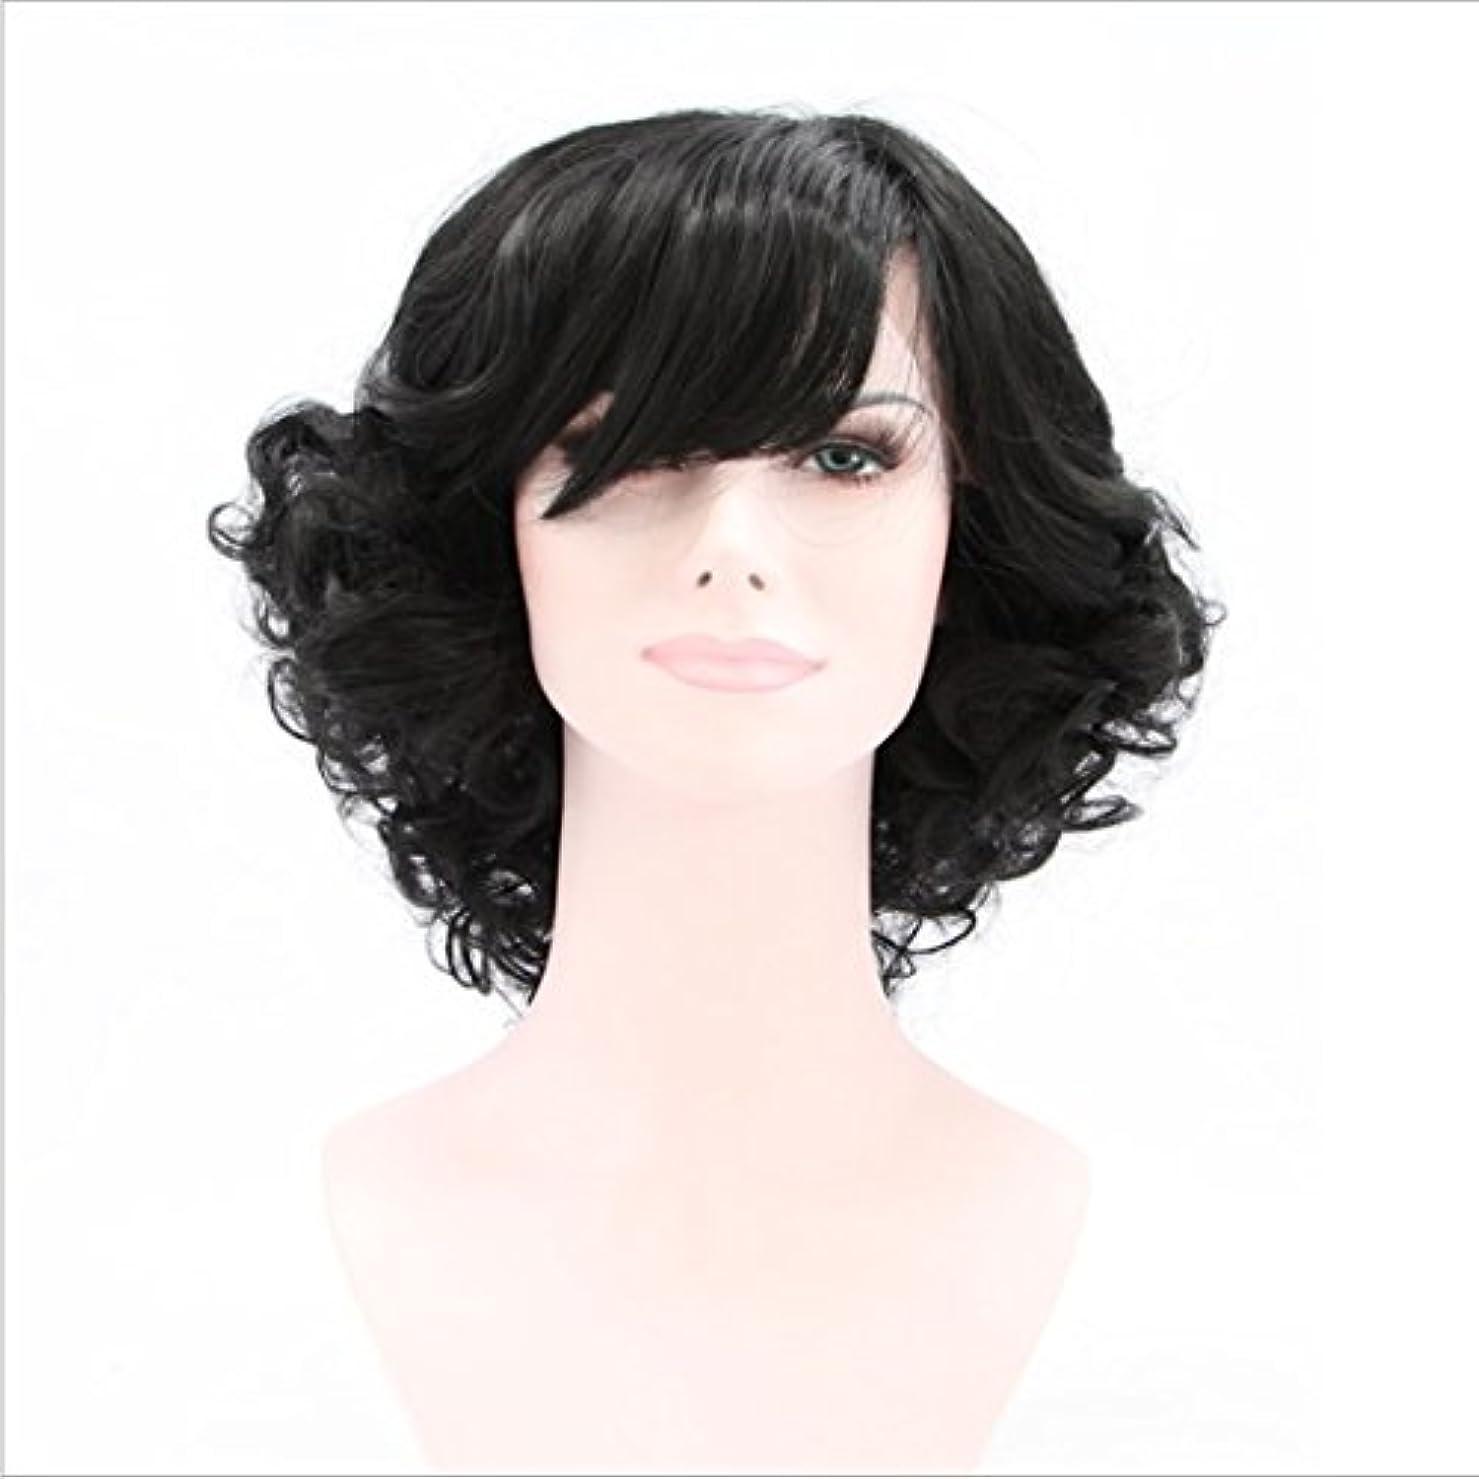 艦隊システムサイズYOUQIU フル?ハンドウィービングカーリーヘアウィッグのために斜め前髪ナチュラルブラックウィッグで高温シルク人工毛の女性のレースのフロント用ショートカーリーウィッグ (色 : 黒)